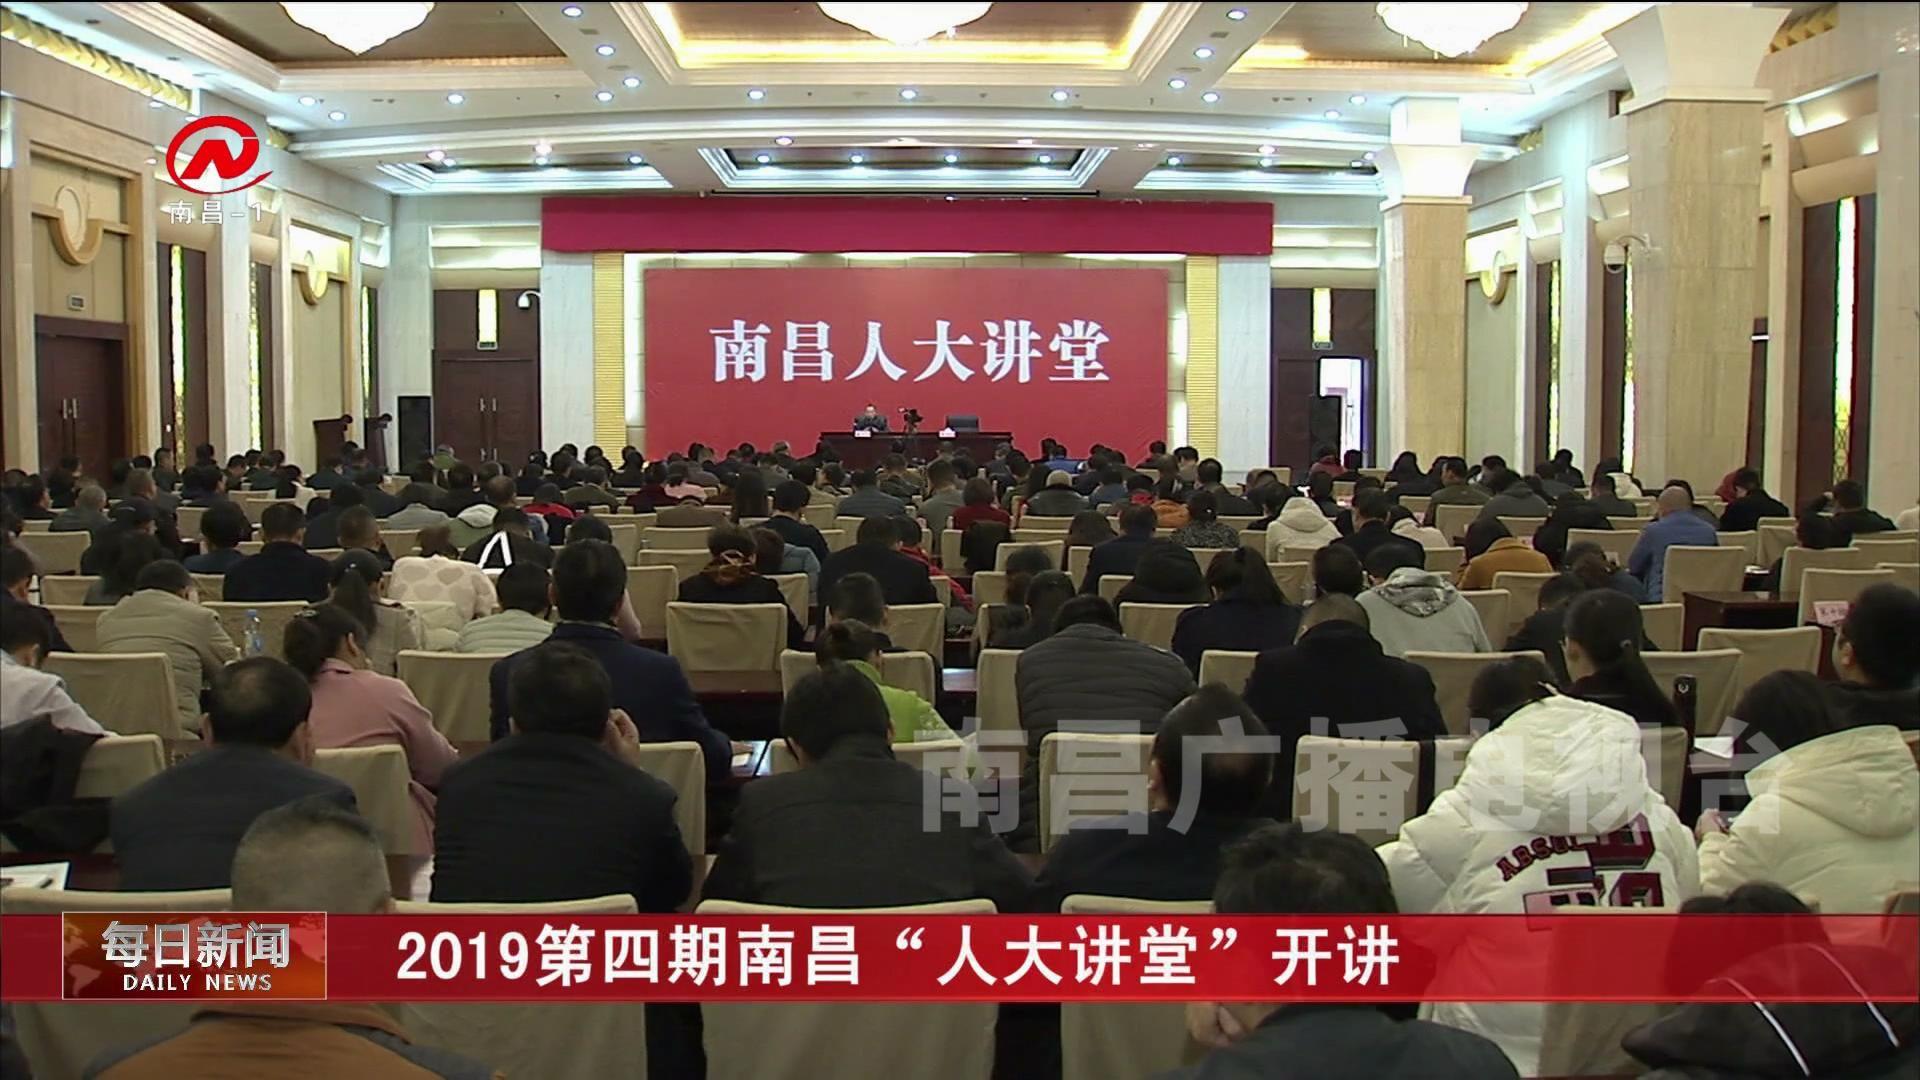 """2019第四期南昌""""人大講堂""""開講"""